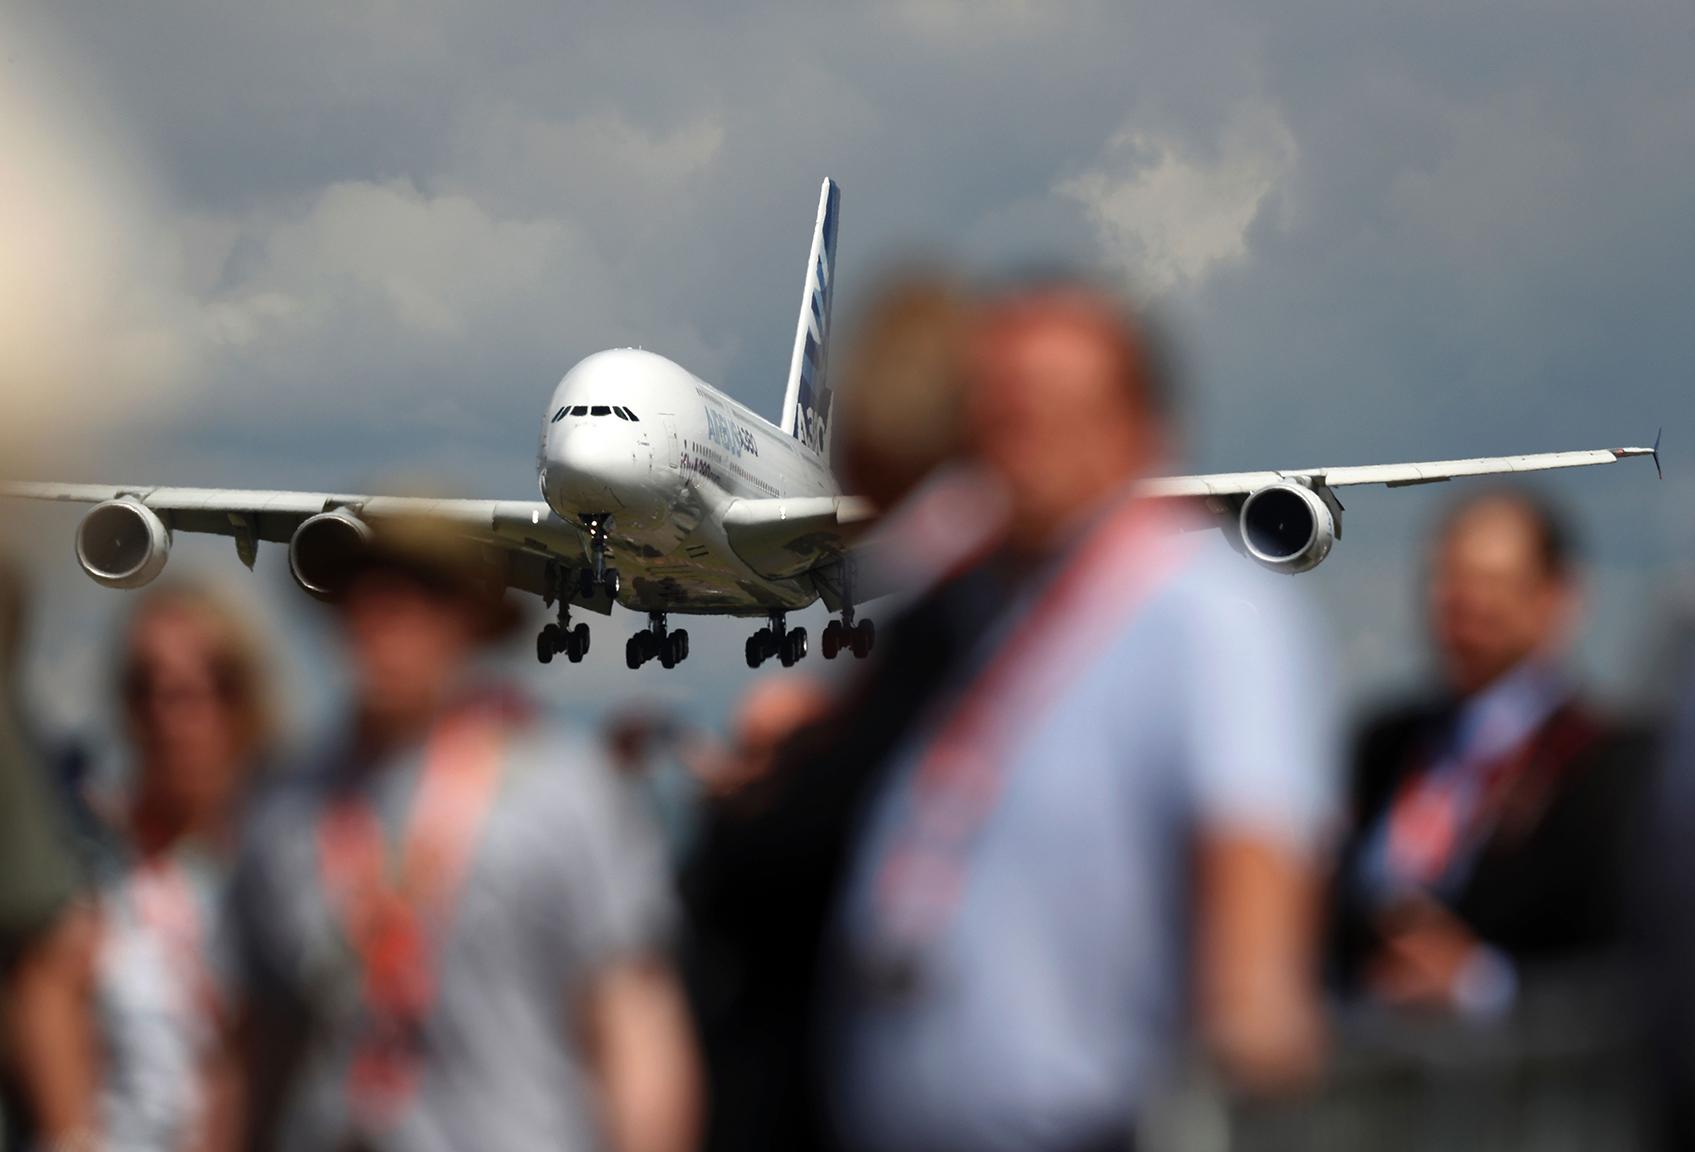 An Airbus A380 aircraft